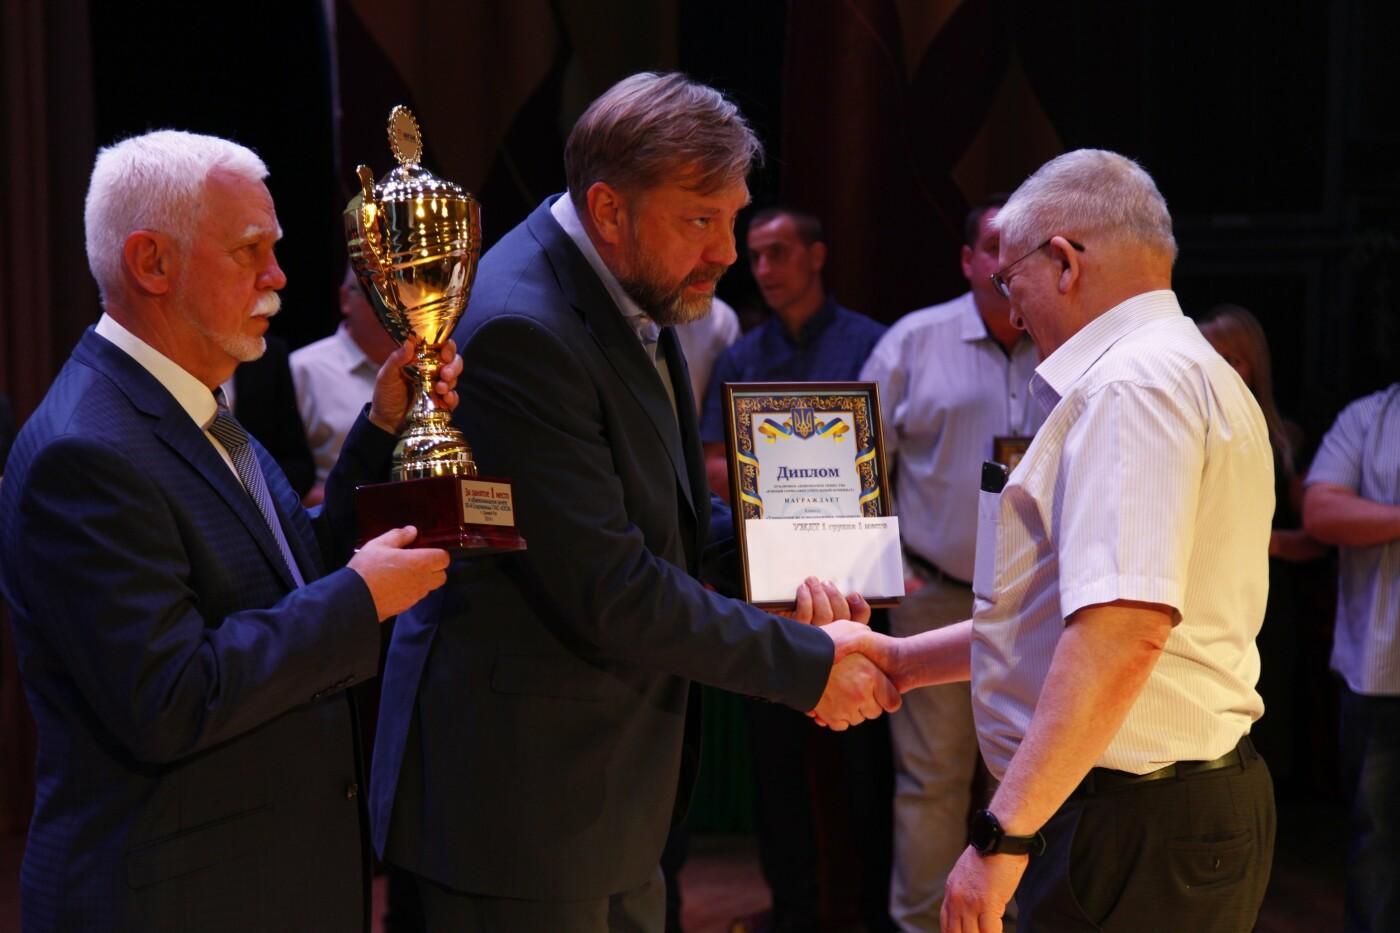 Лучшие в спорте и на сцене: ЮГОК наградил победителей спартакиады и фестиваля талантов, фото-5